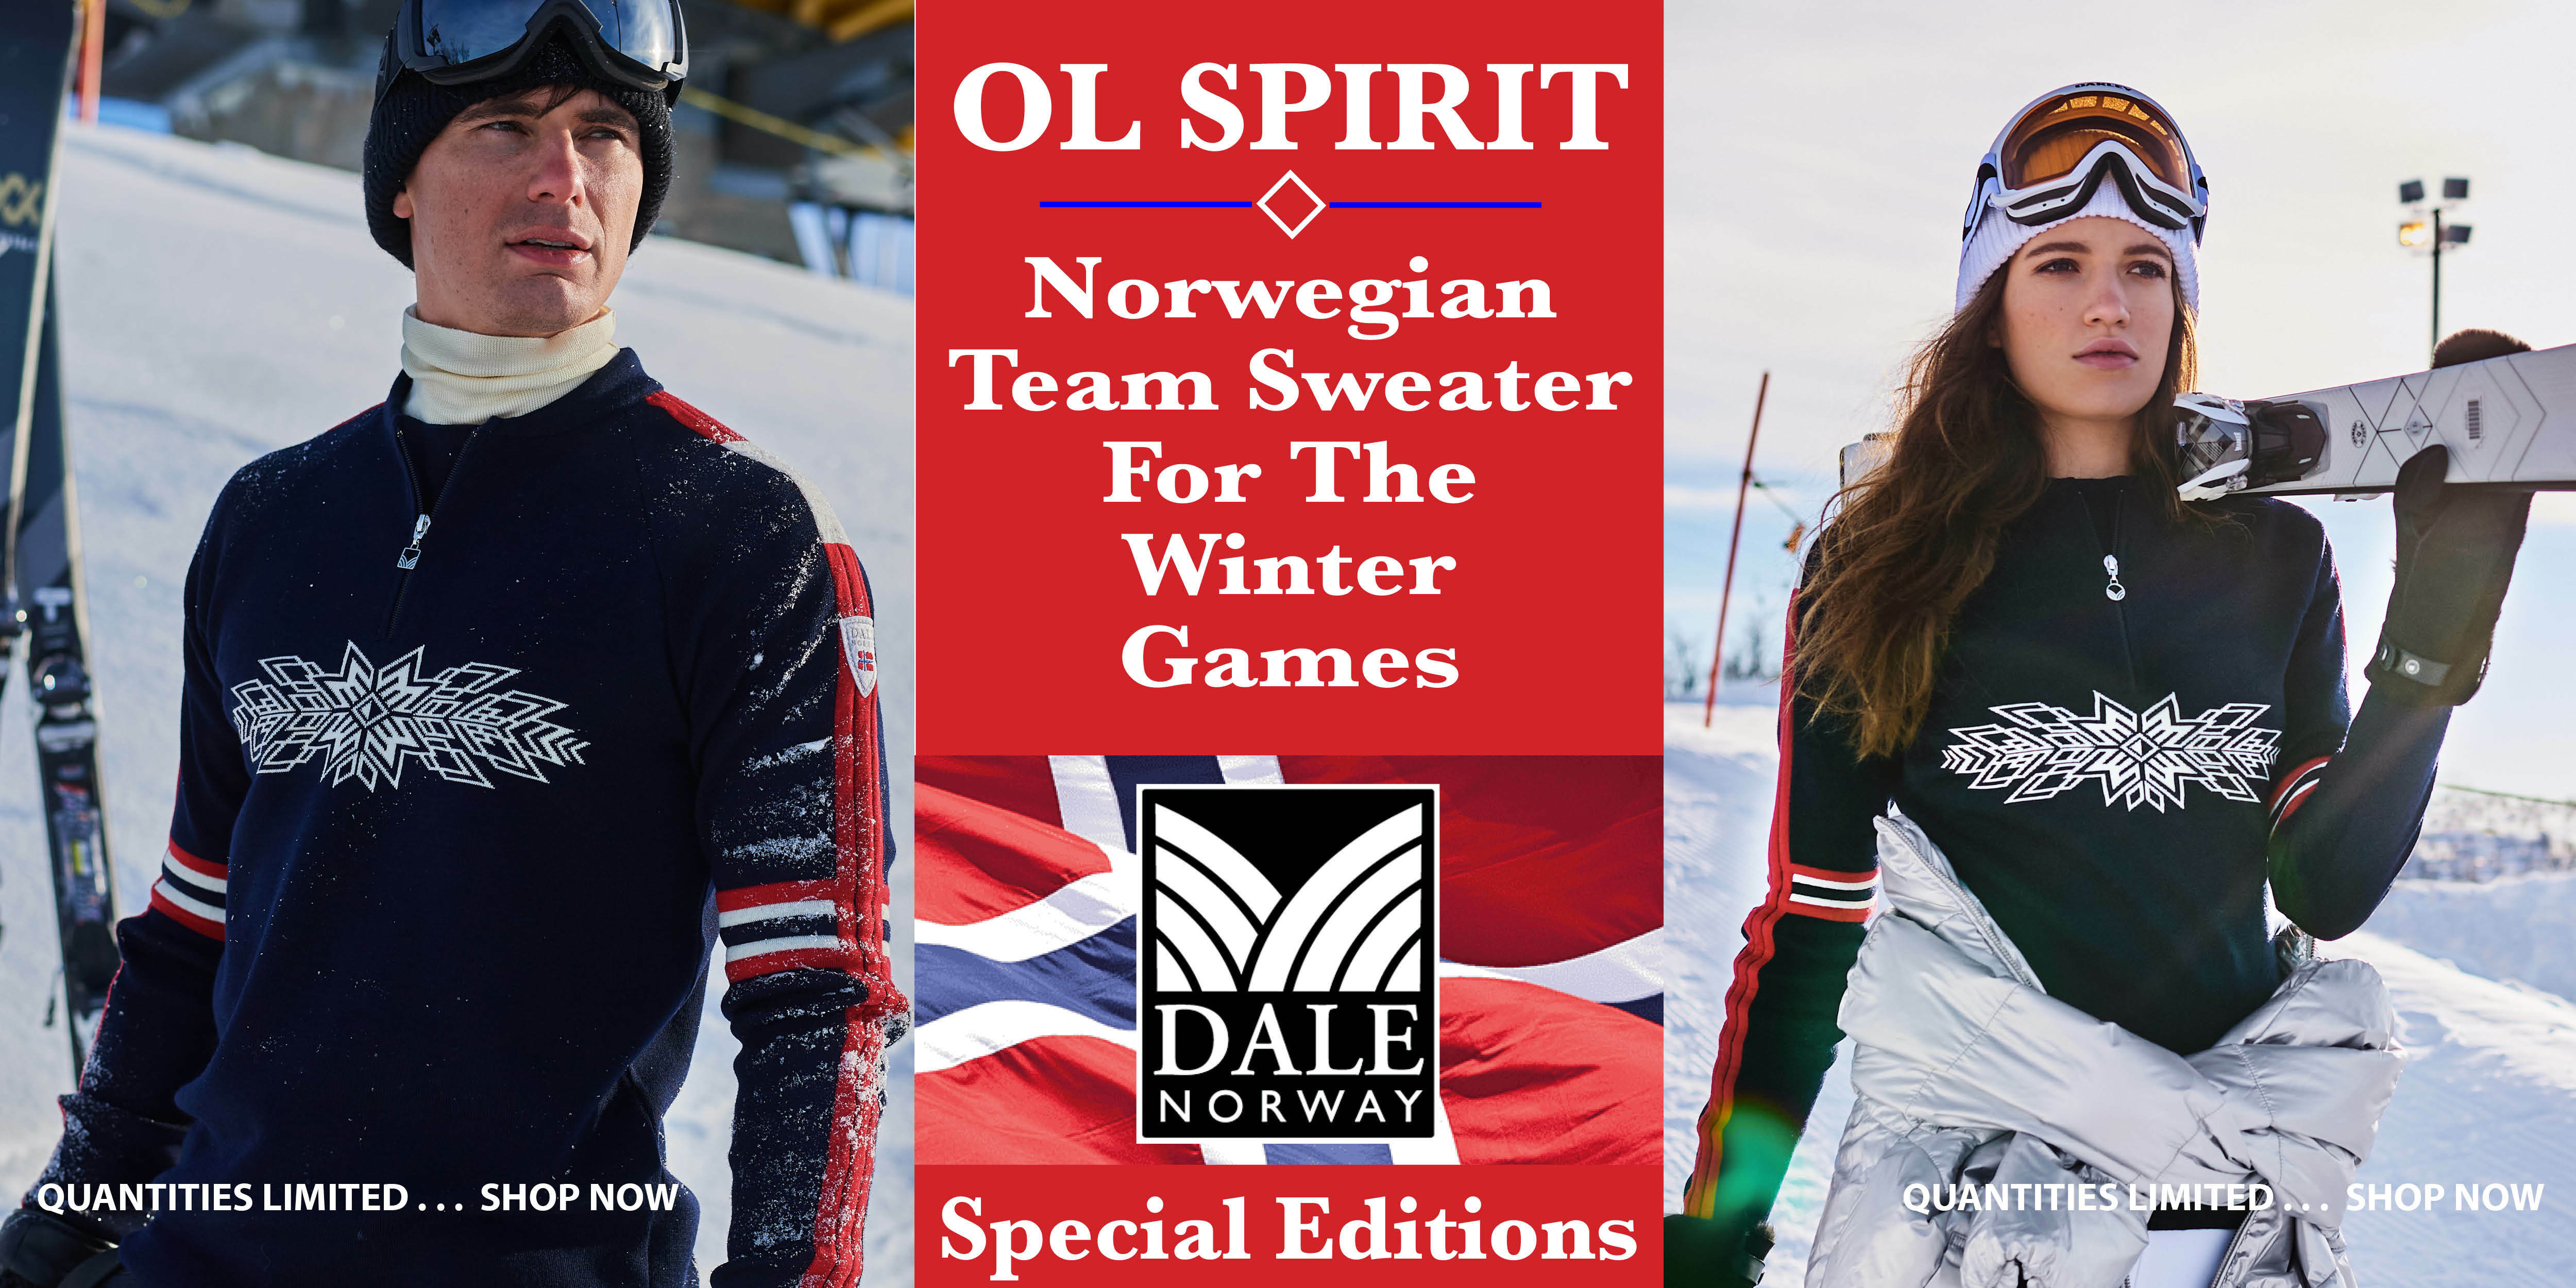 Norwegian Olympic Team Sweater, Beijing Norwegian Team Sweater, 2022 Beijing Norwegian Olympic Team Sweater